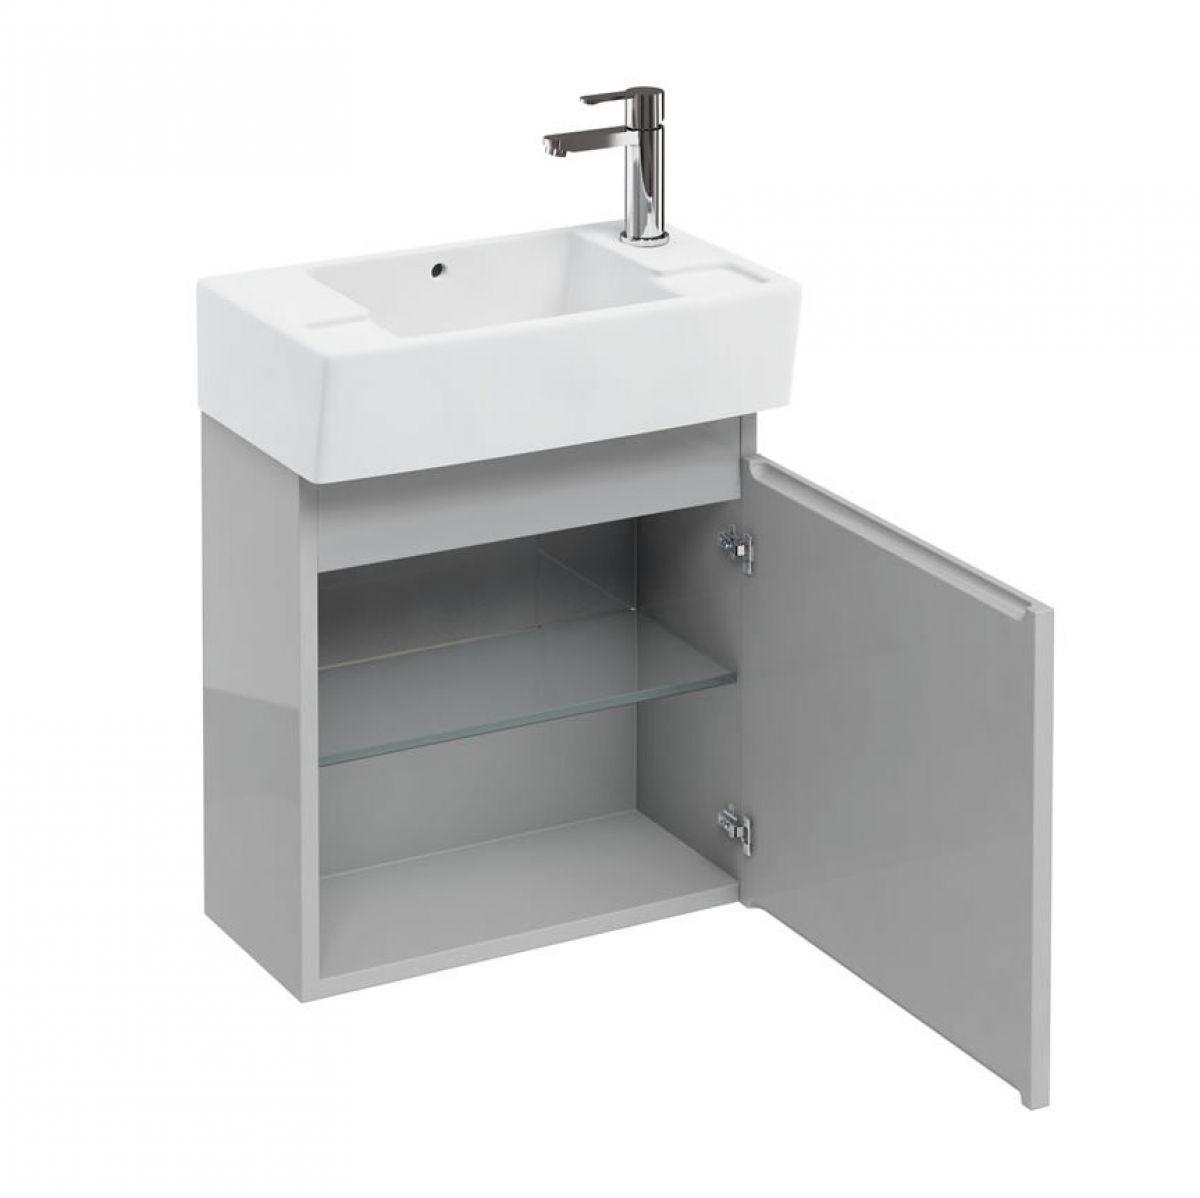 Aqua Cabinets Wall Hung Compact Cloakroom Vanity Unit